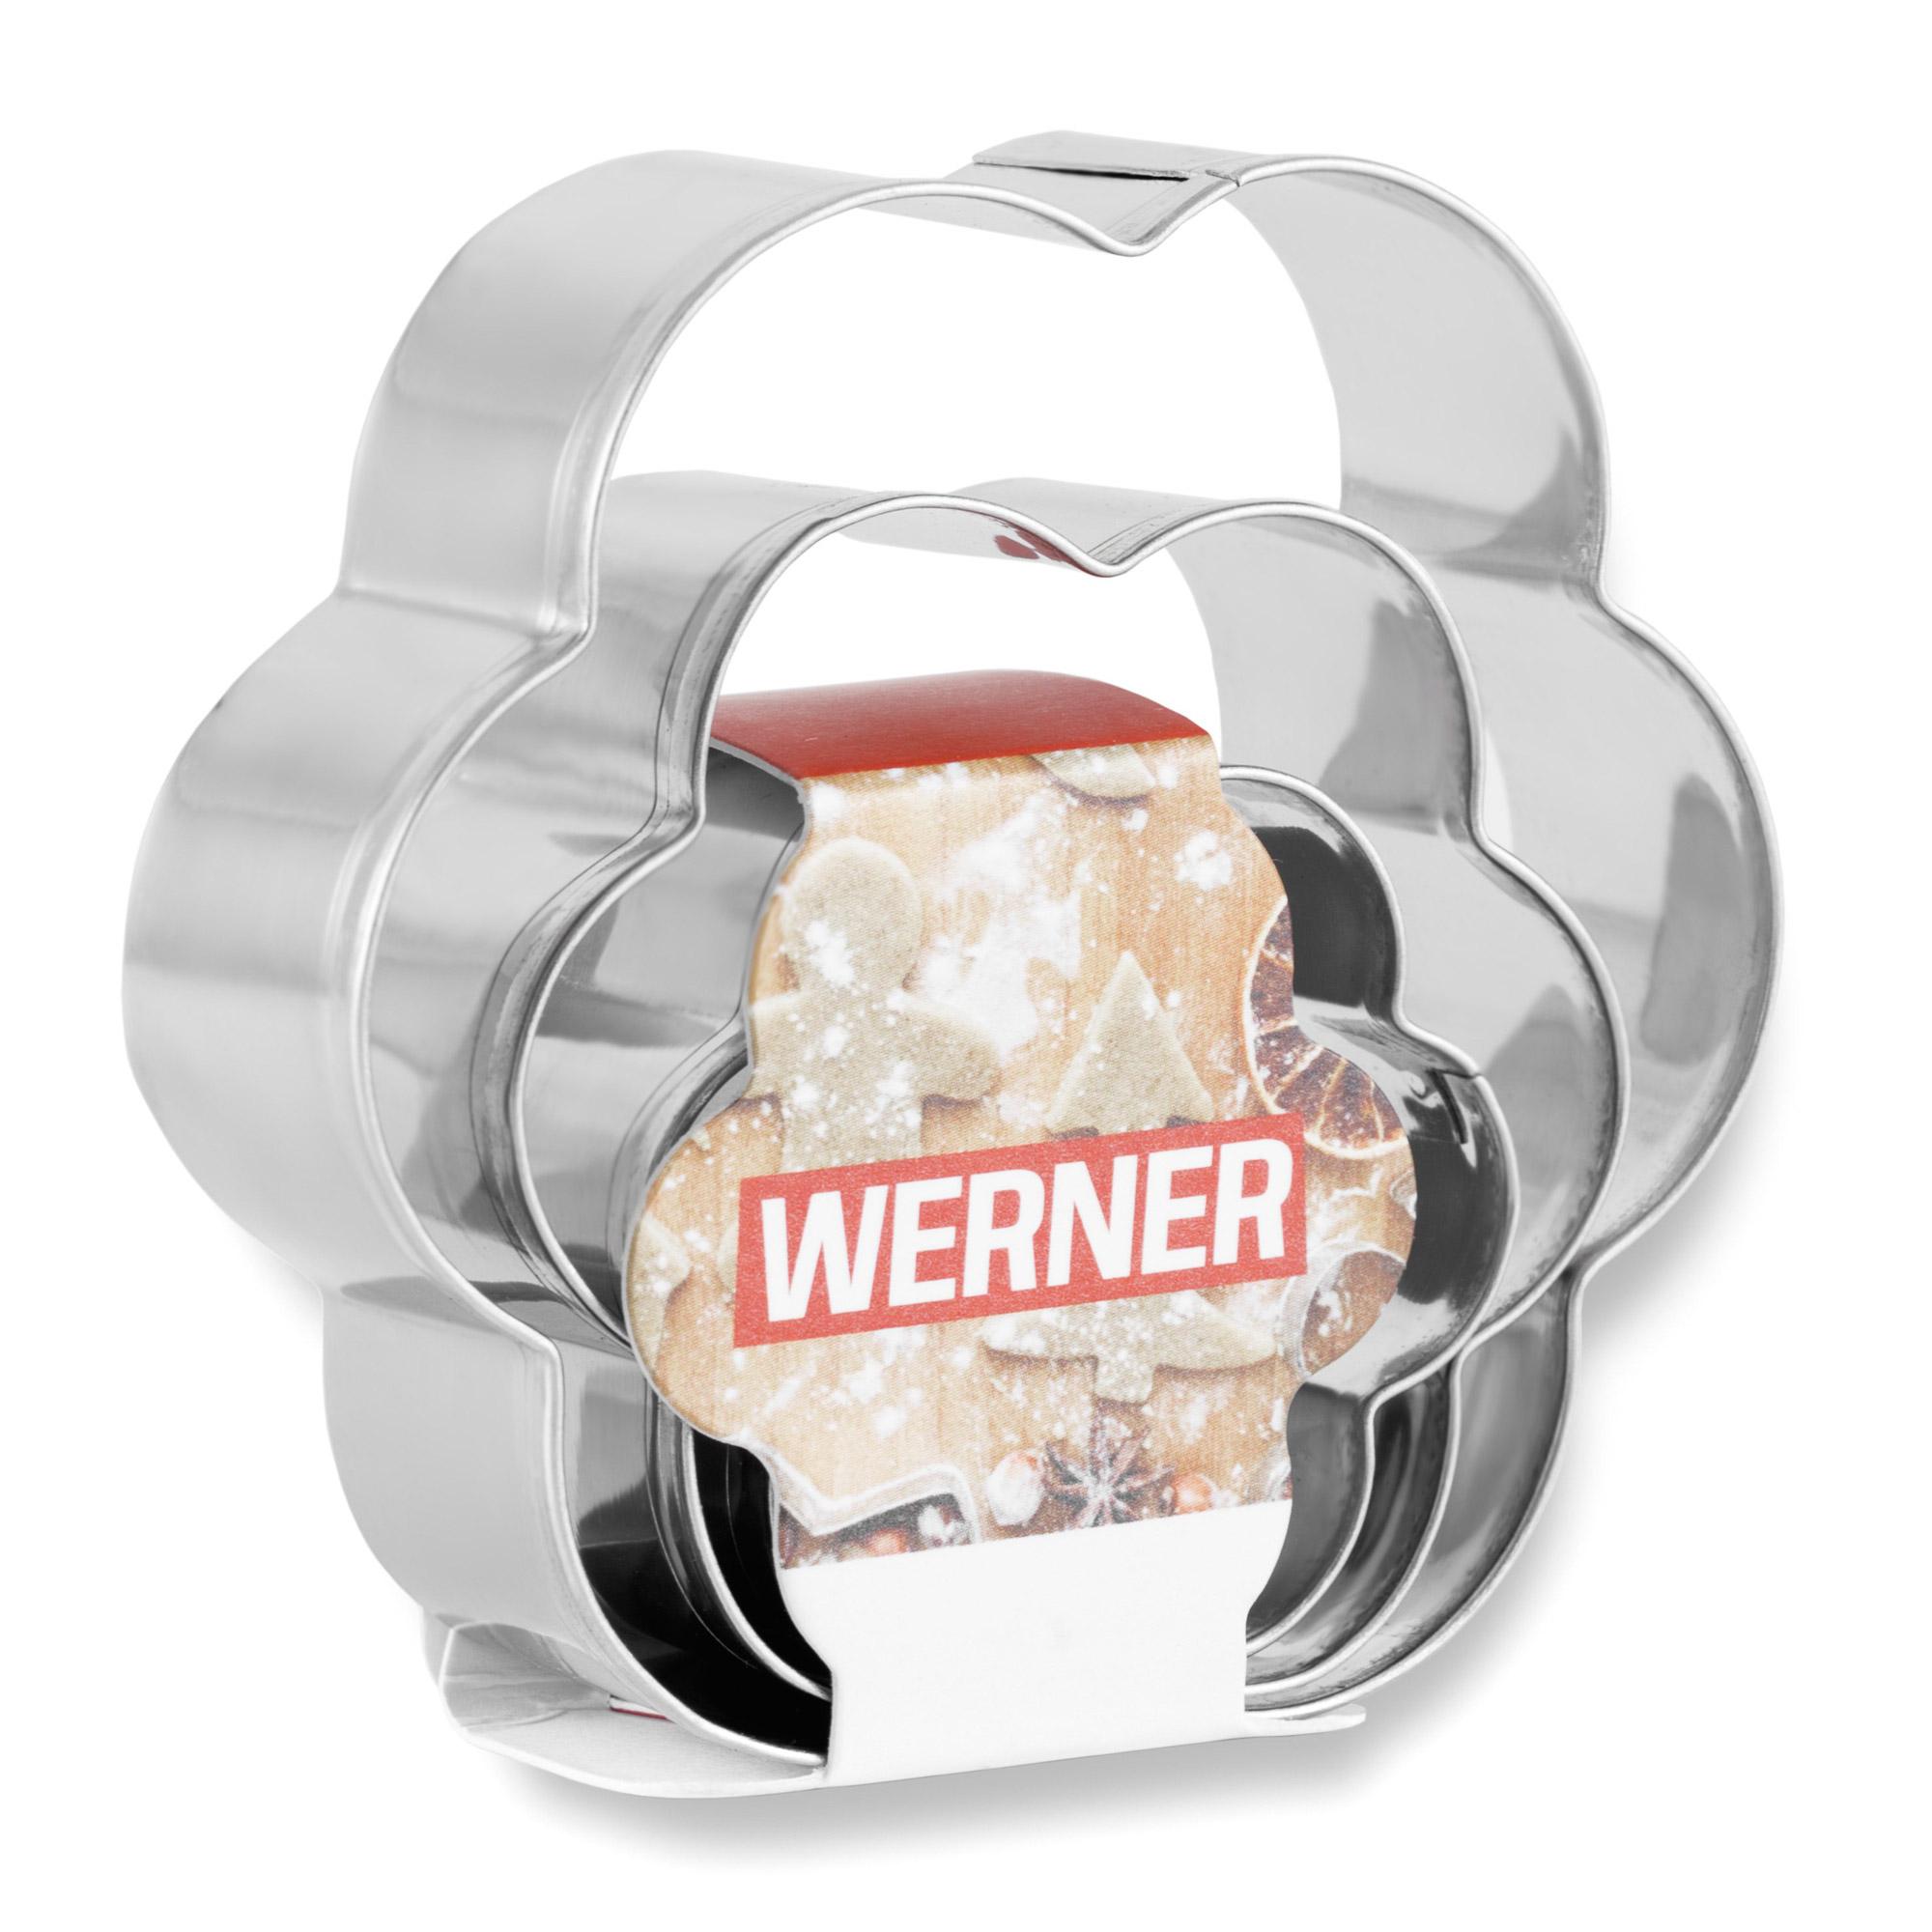 Фото - Набор формочек для выпечки Werner Anzio 3 предмета набор прихваток werner anzio 50025 2 шт